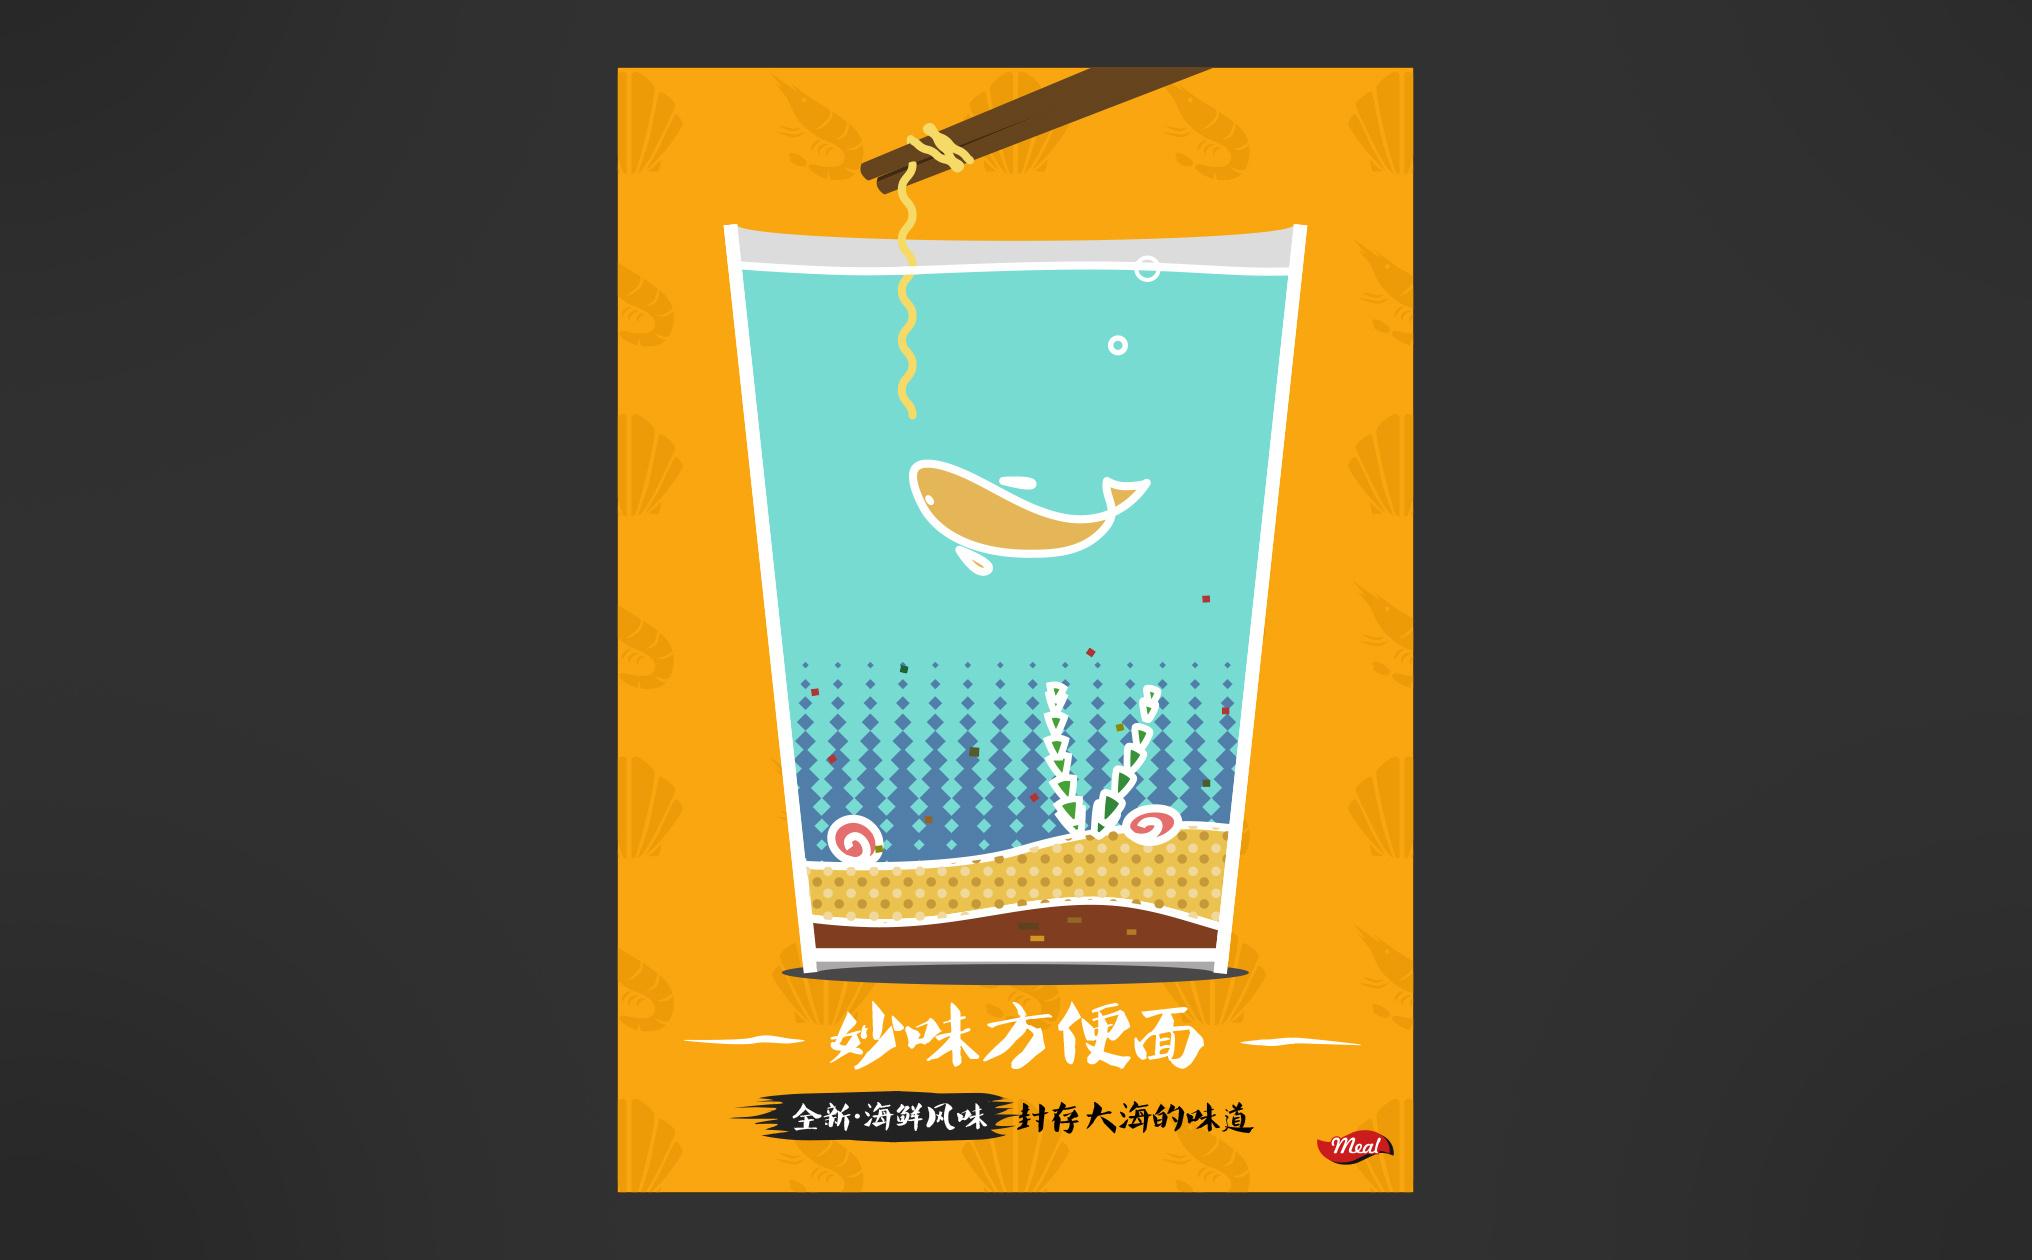 方便面创意设计|平面|海报|kaleidoscope1994 - 原创图片